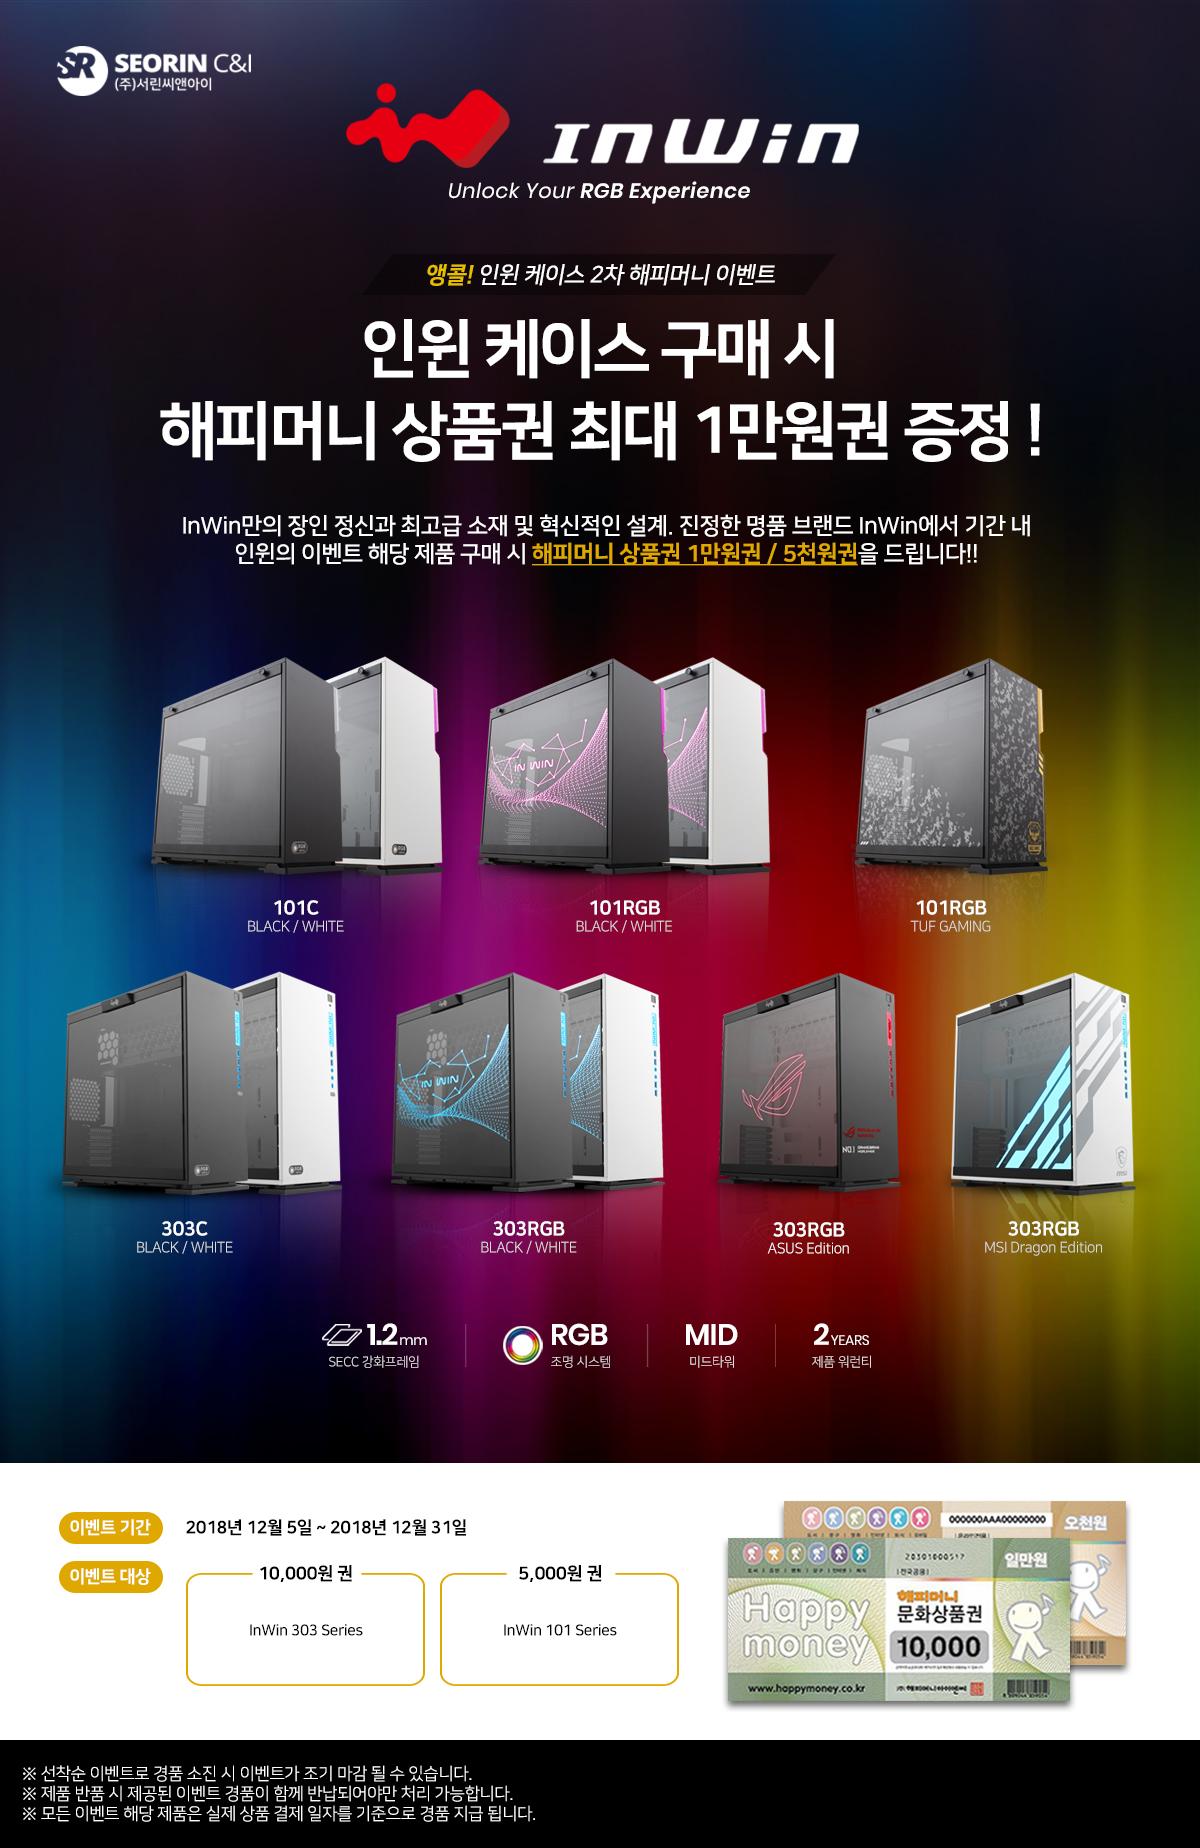 인윈 PC케이스 구매자 대상 해피머니 상품권 1:1 증정 이벤트 !!